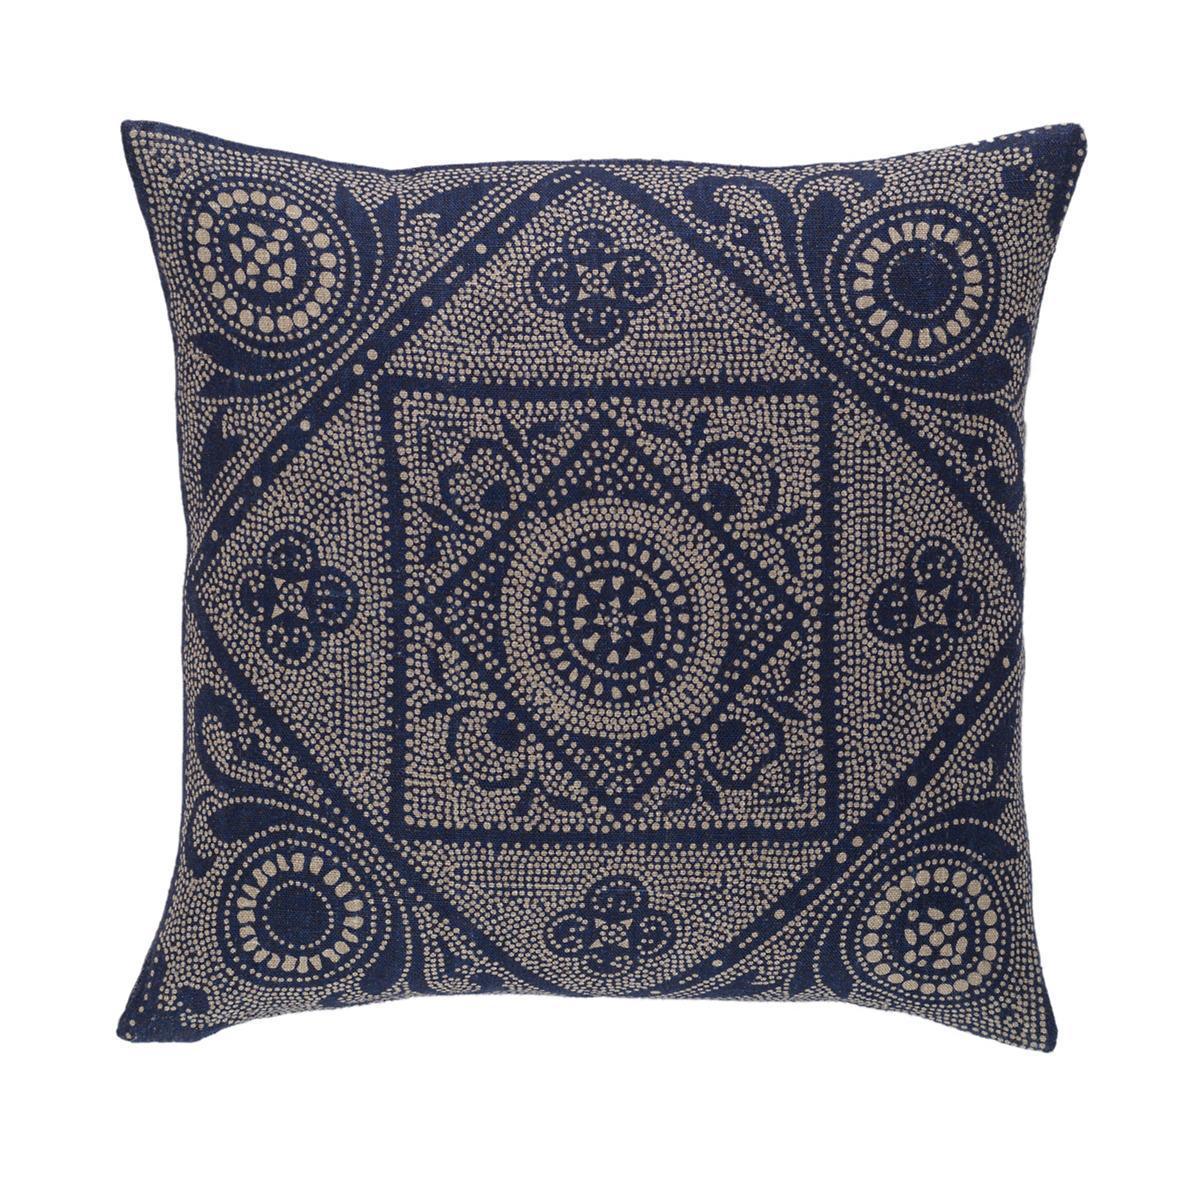 Manisa Linen Decorative Pillow